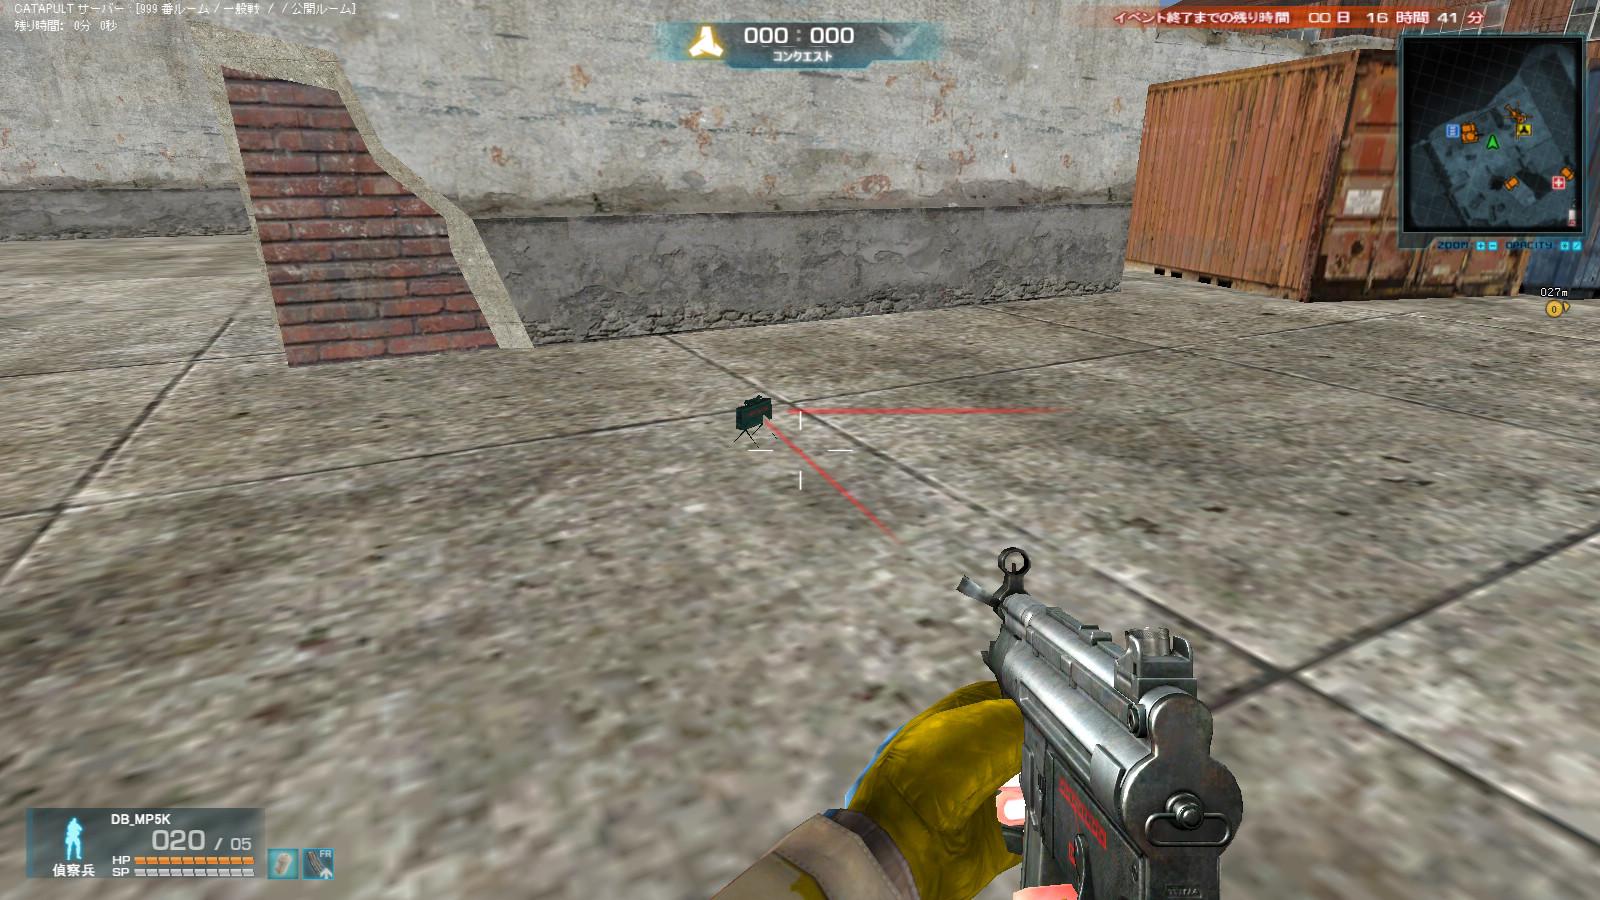 screenshot_940.jpg